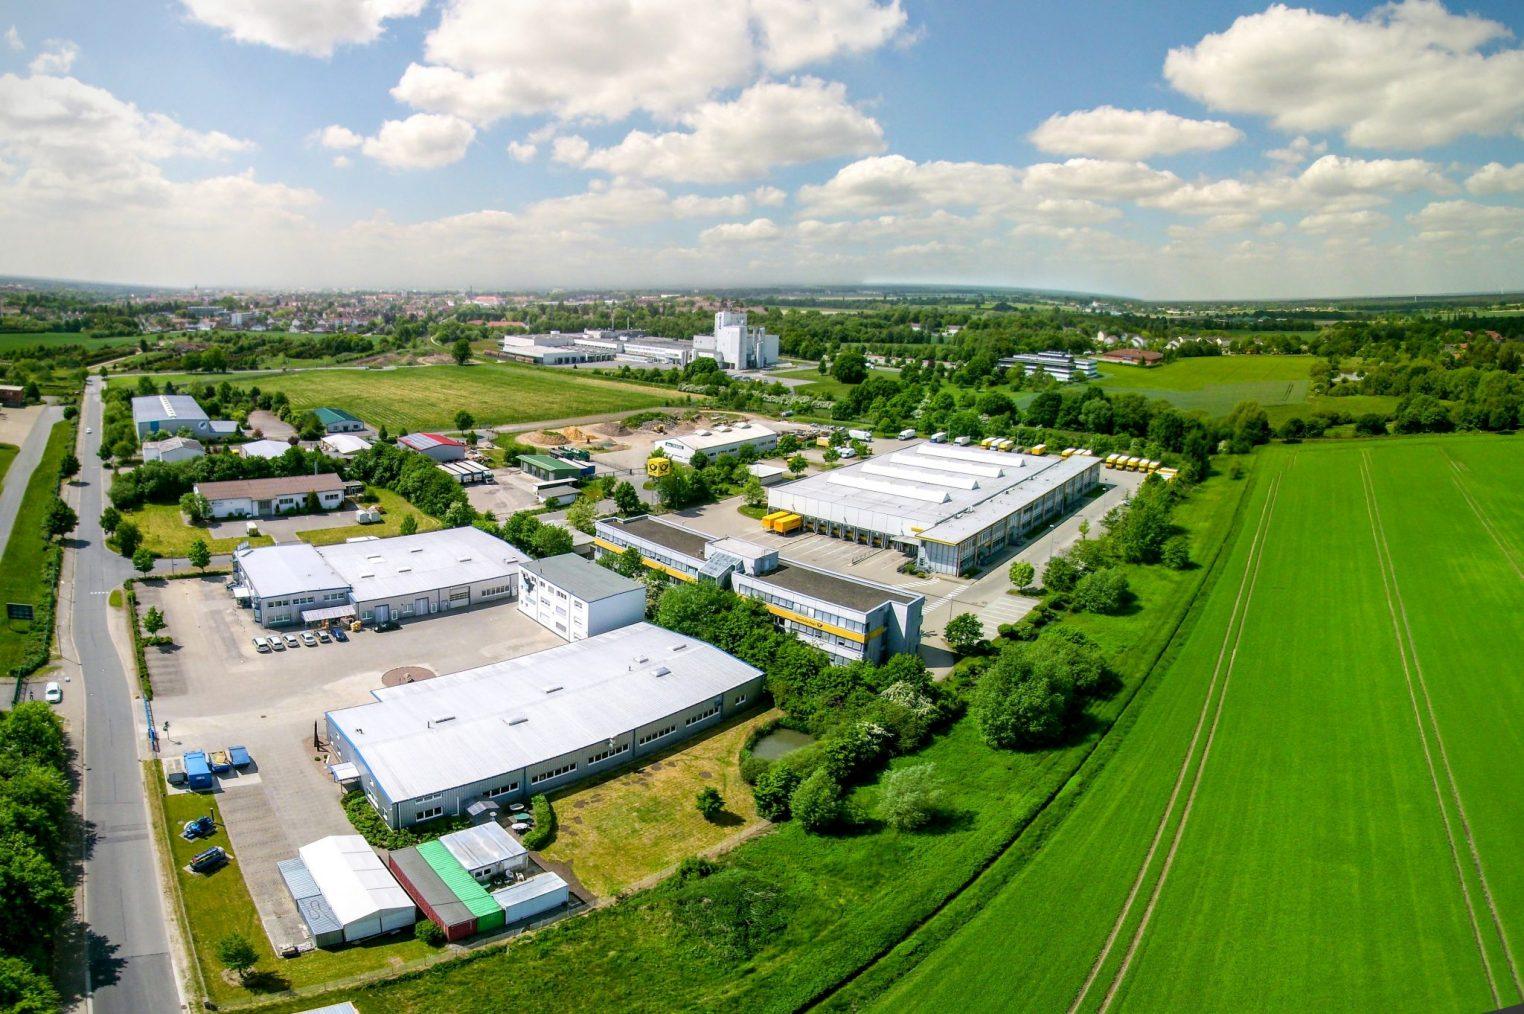 Gewerbegebiet Altenhagen Luftaufnahme